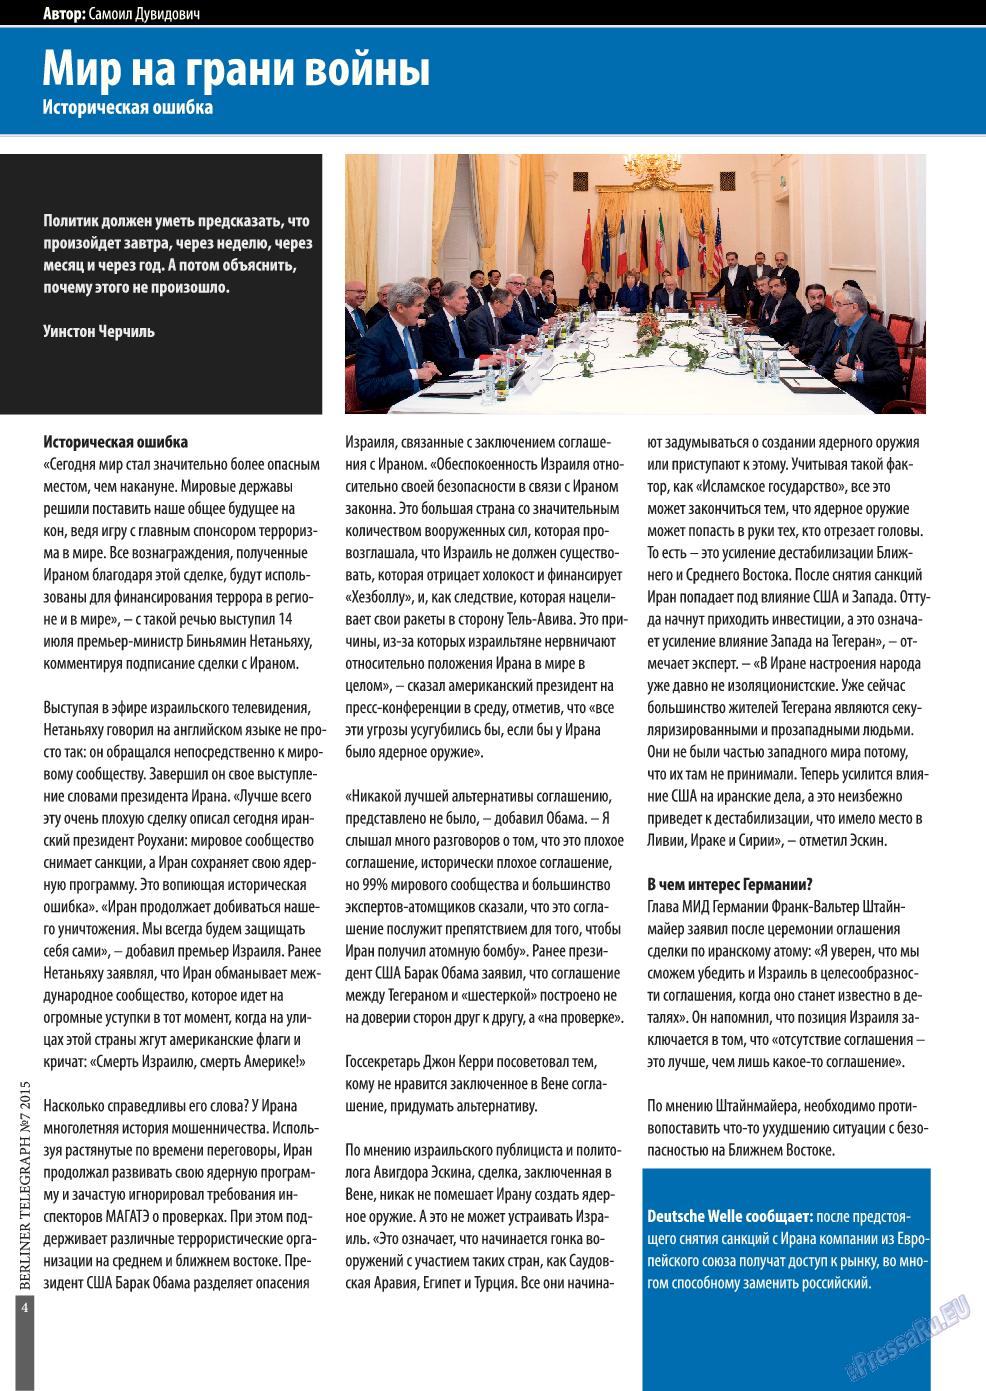 Берлинский телеграф (журнал). 2015 год, номер 8, стр. 4